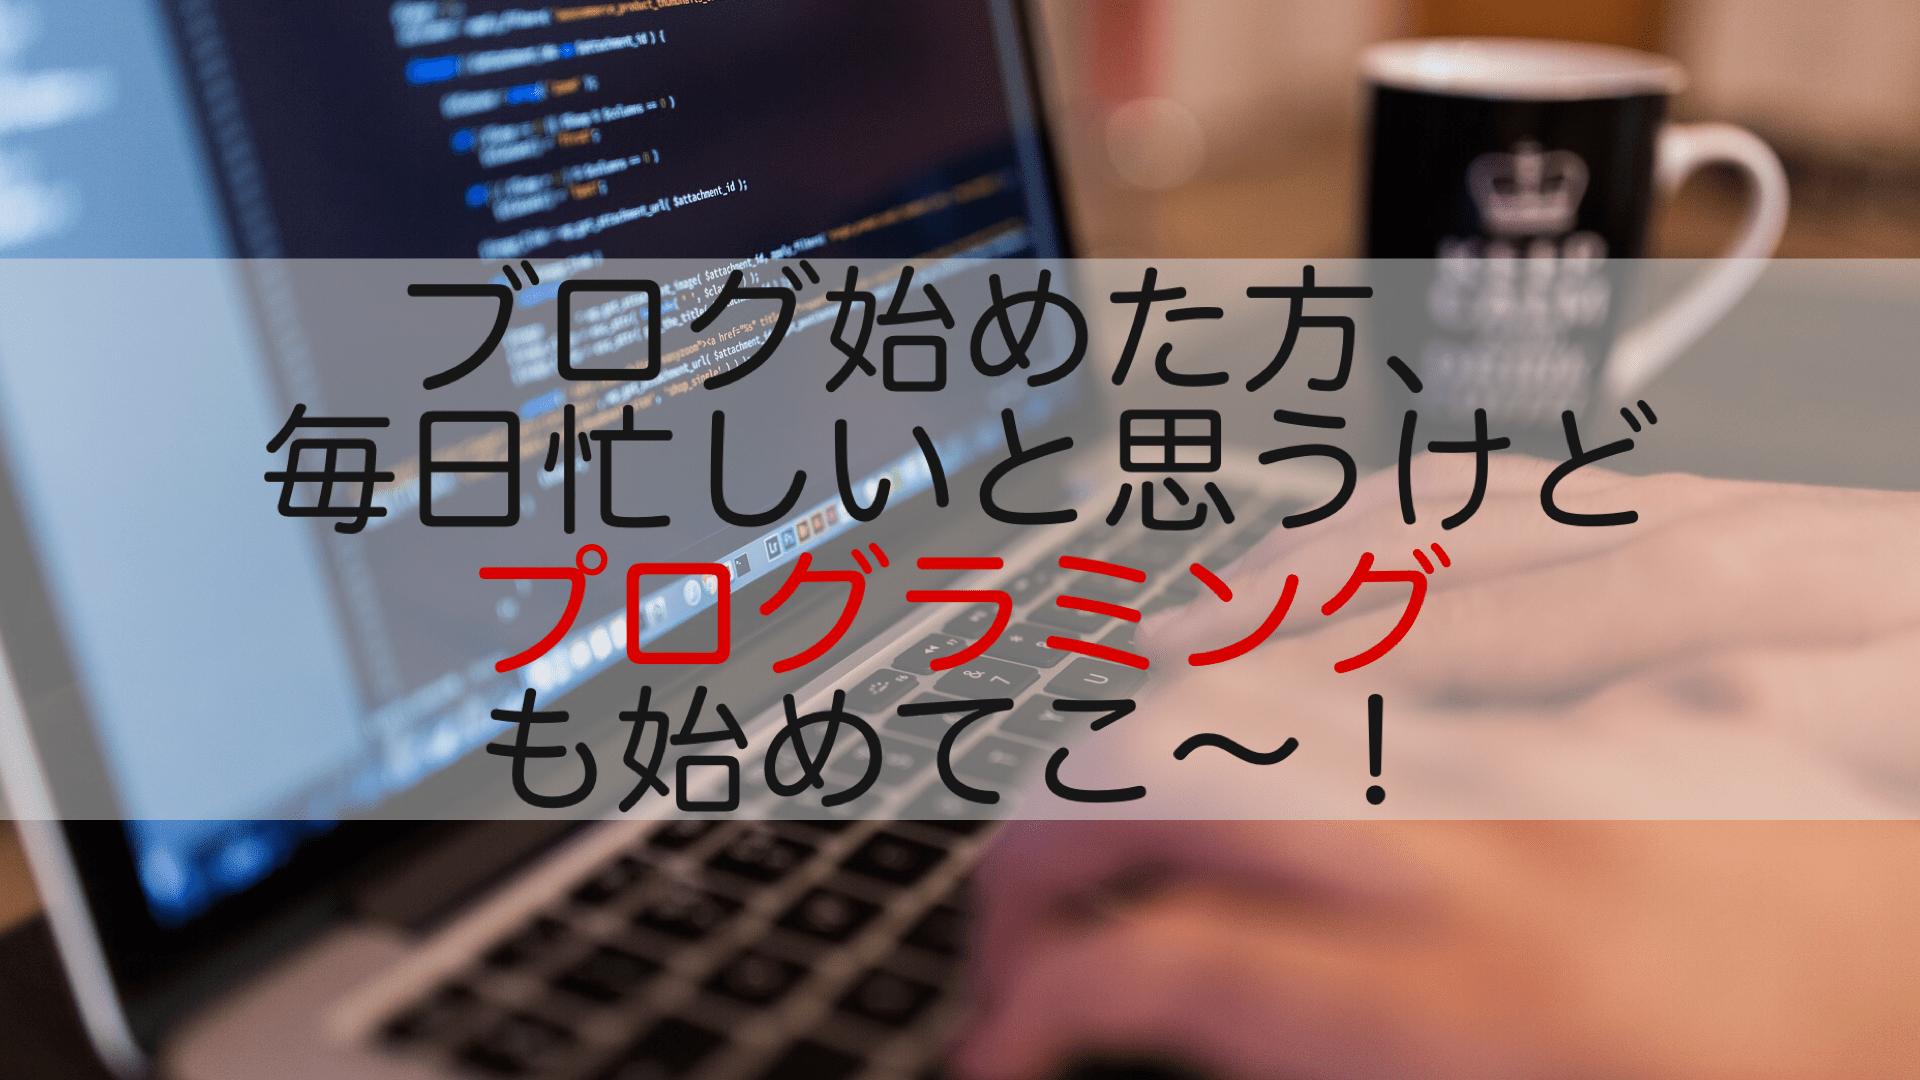 blog - ブログ初心者こそプログラミングを触っておくべき3つの理由